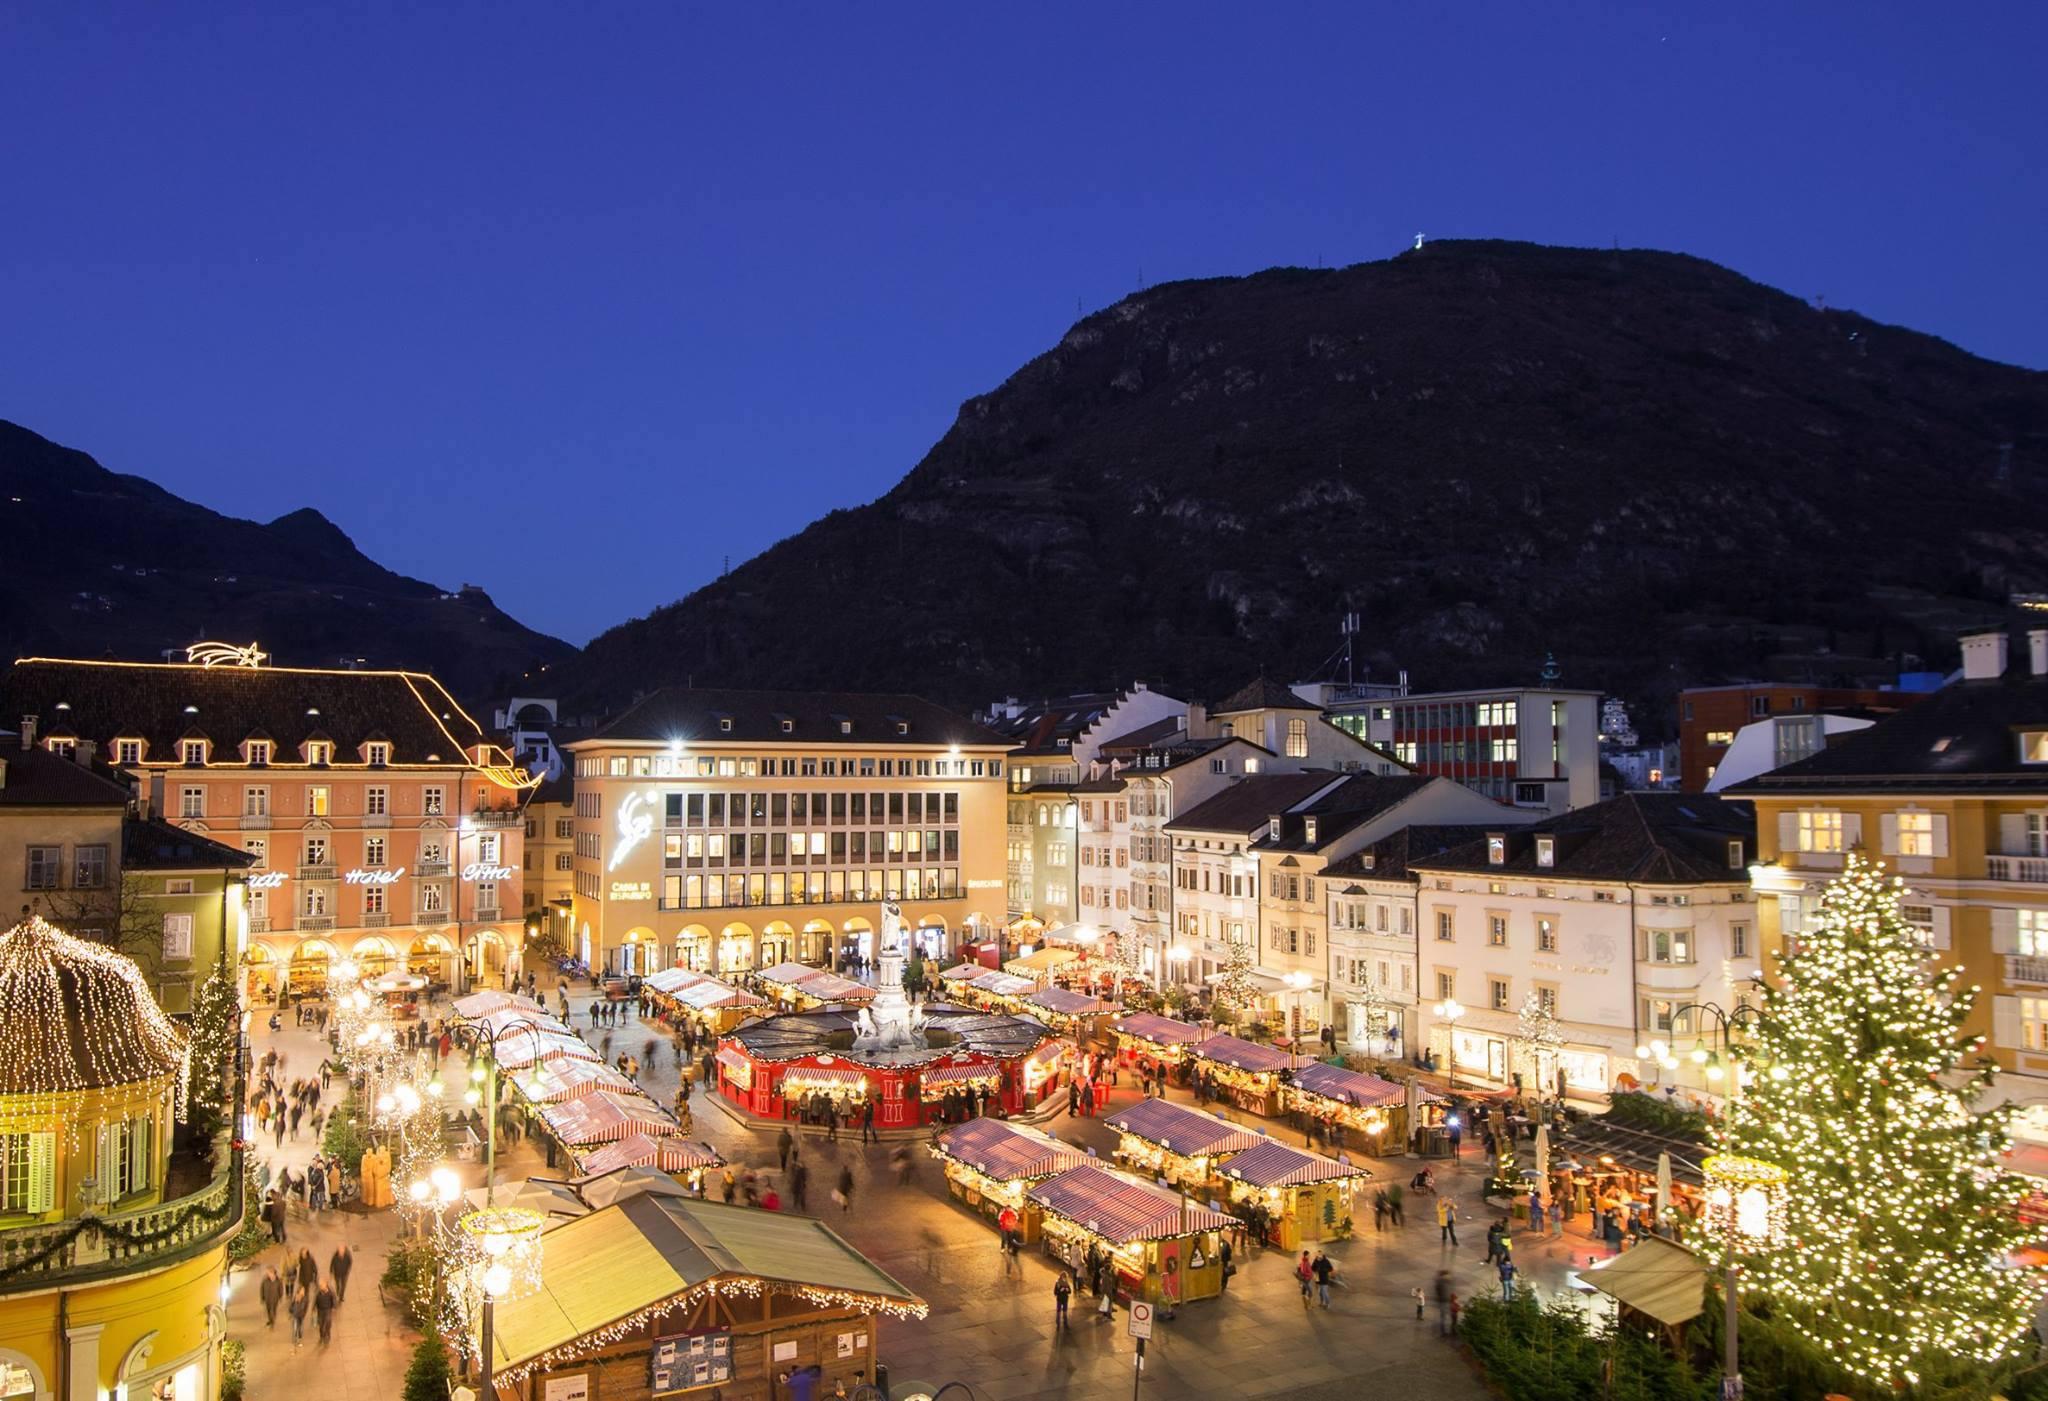 Mercatini Di Natale Bolzano 2018.Bolzano Al Via Il Mercatino Di Natale In Piazza Walther